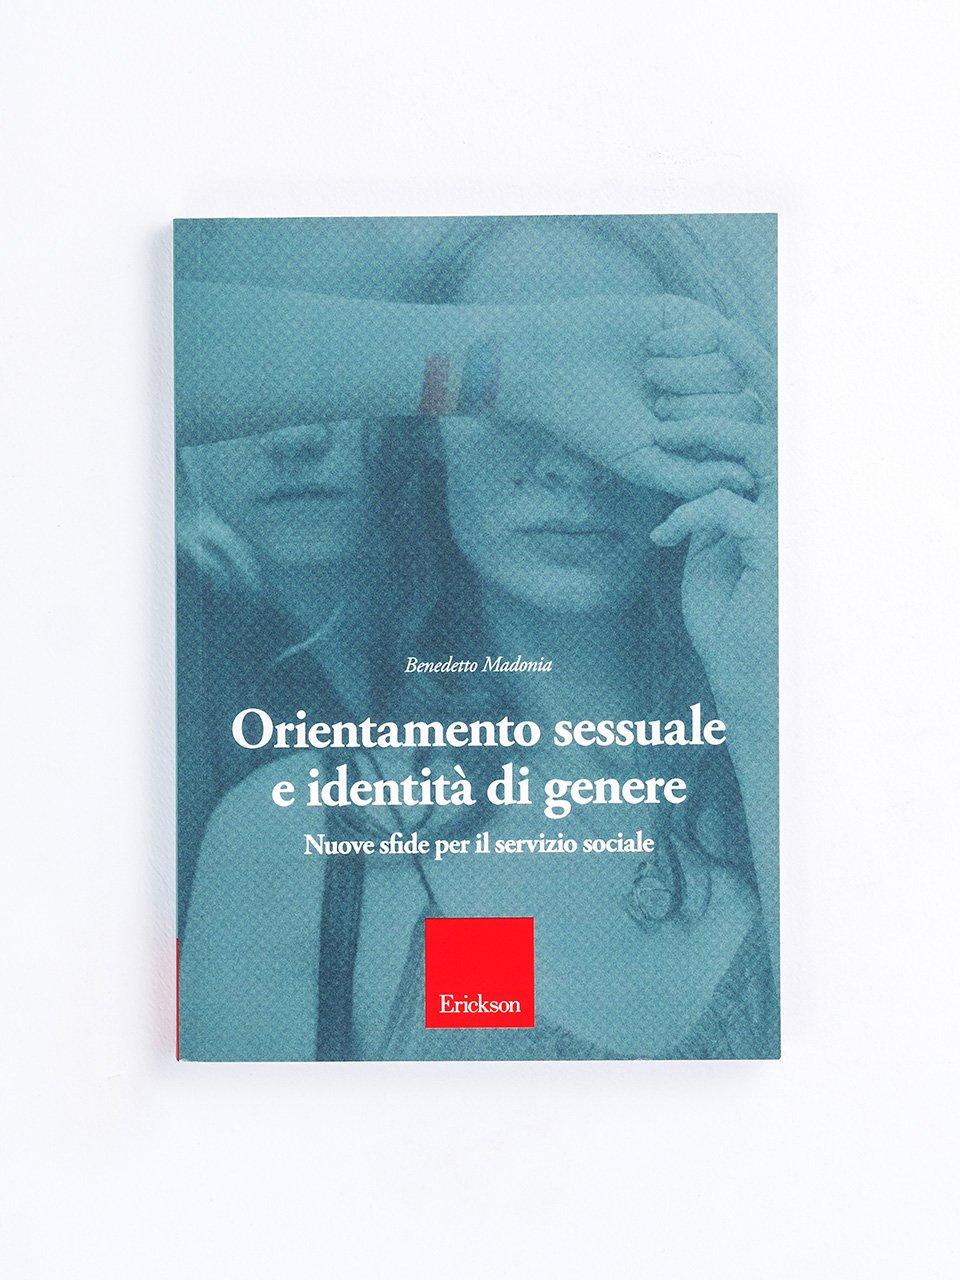 Orientamento sessuale e identità di genere - Libri - Erickson